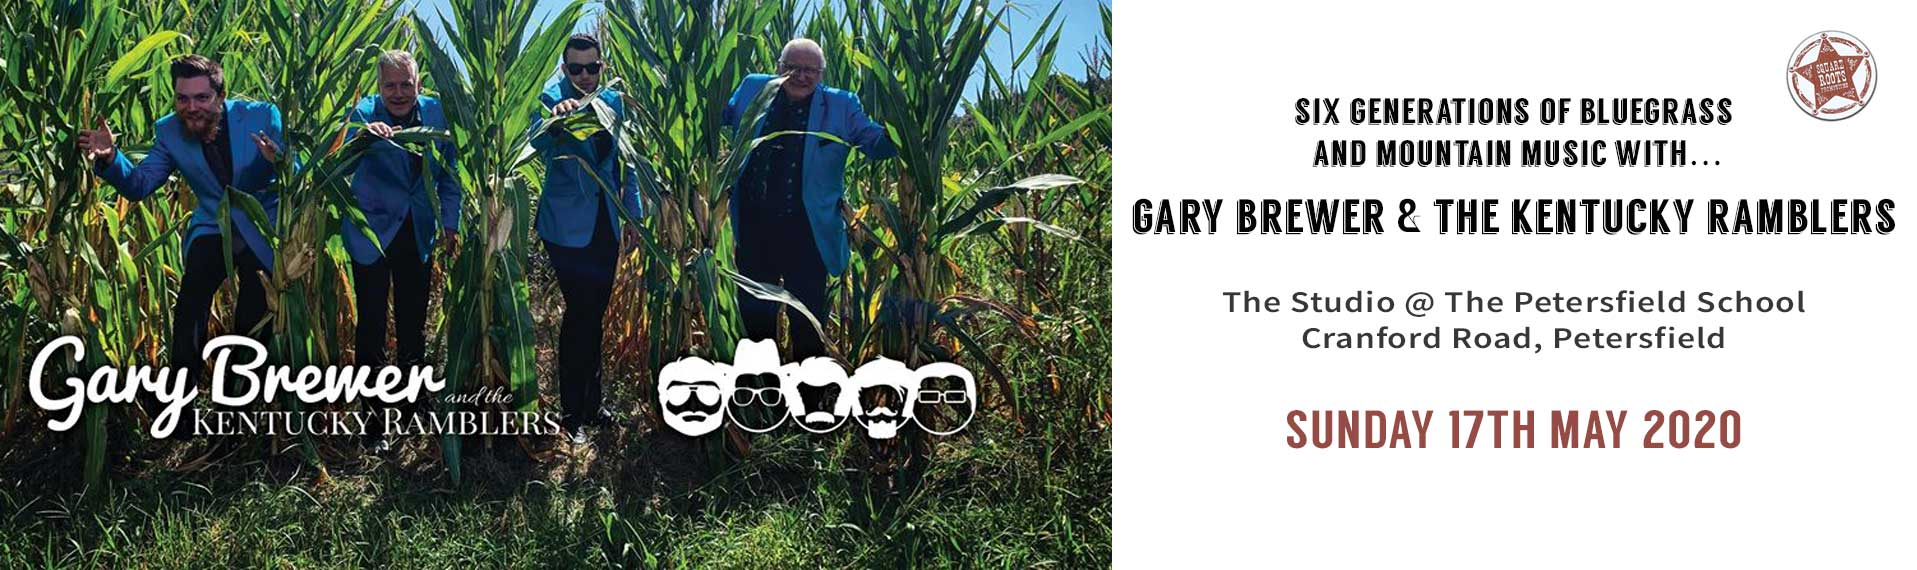 gary-brewer-banner